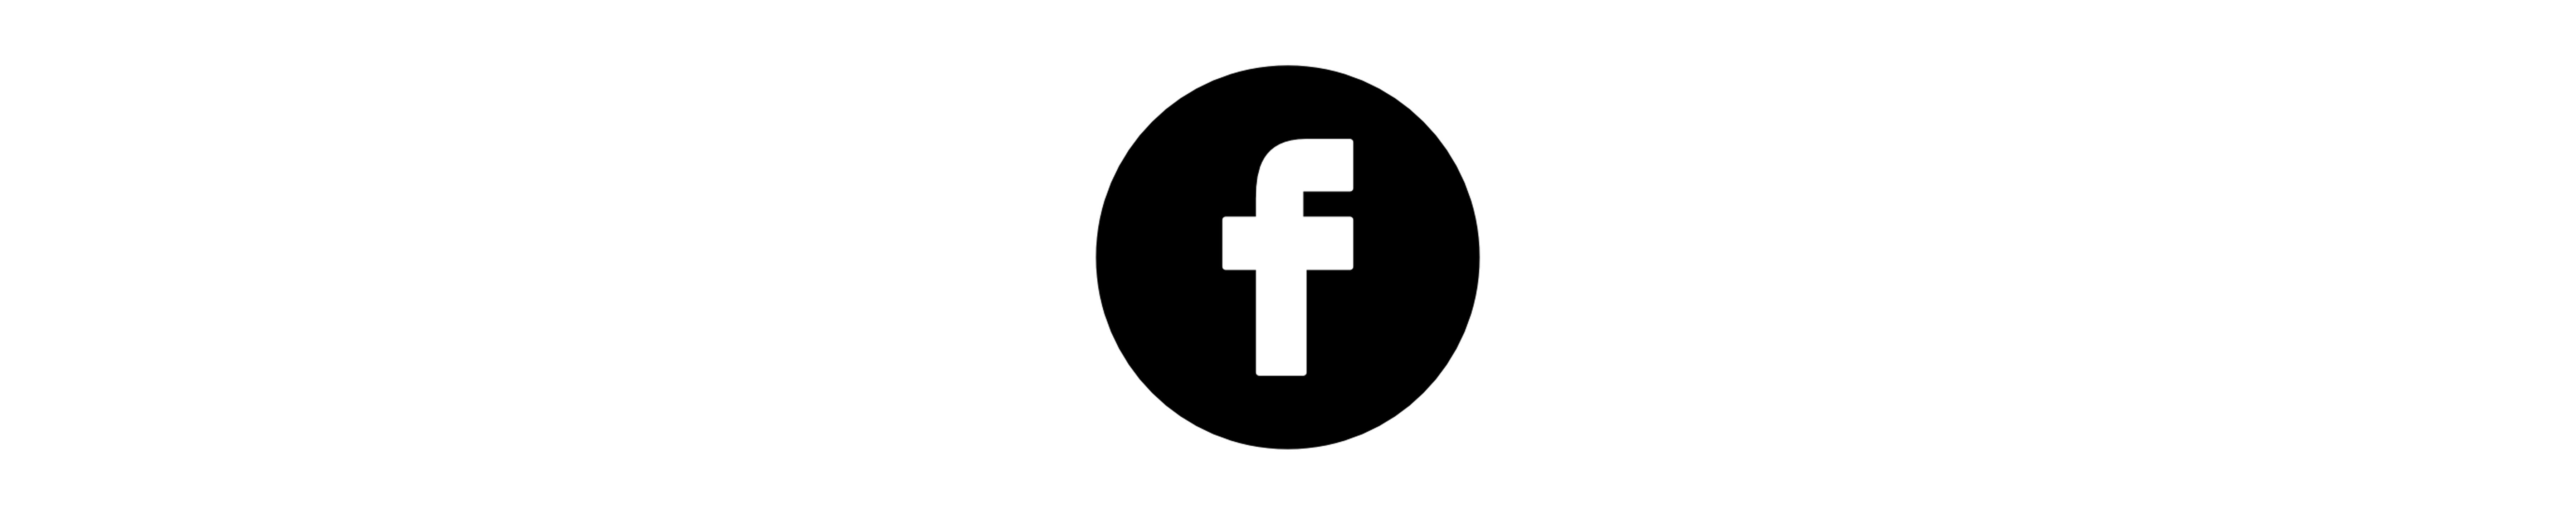 iconos_fcbk_4